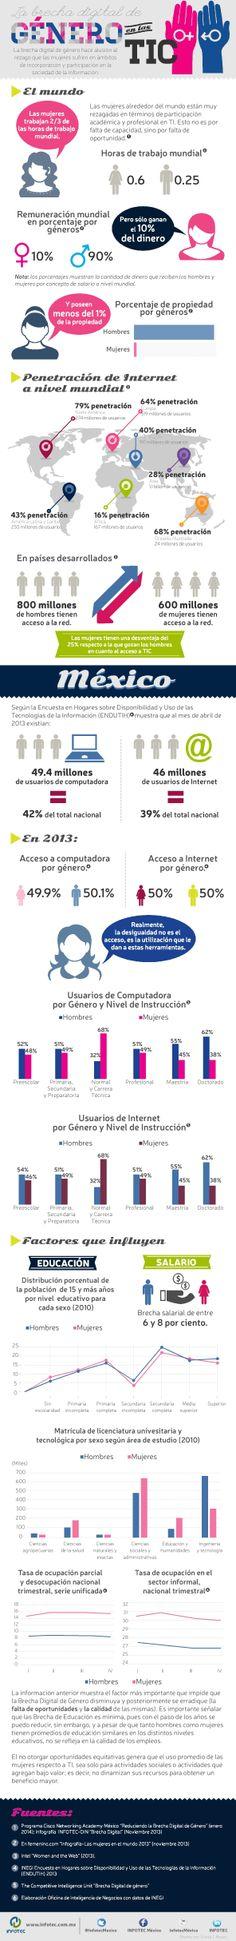 La brecha digital de #género en las TIC - Revista NEO #SMCMX